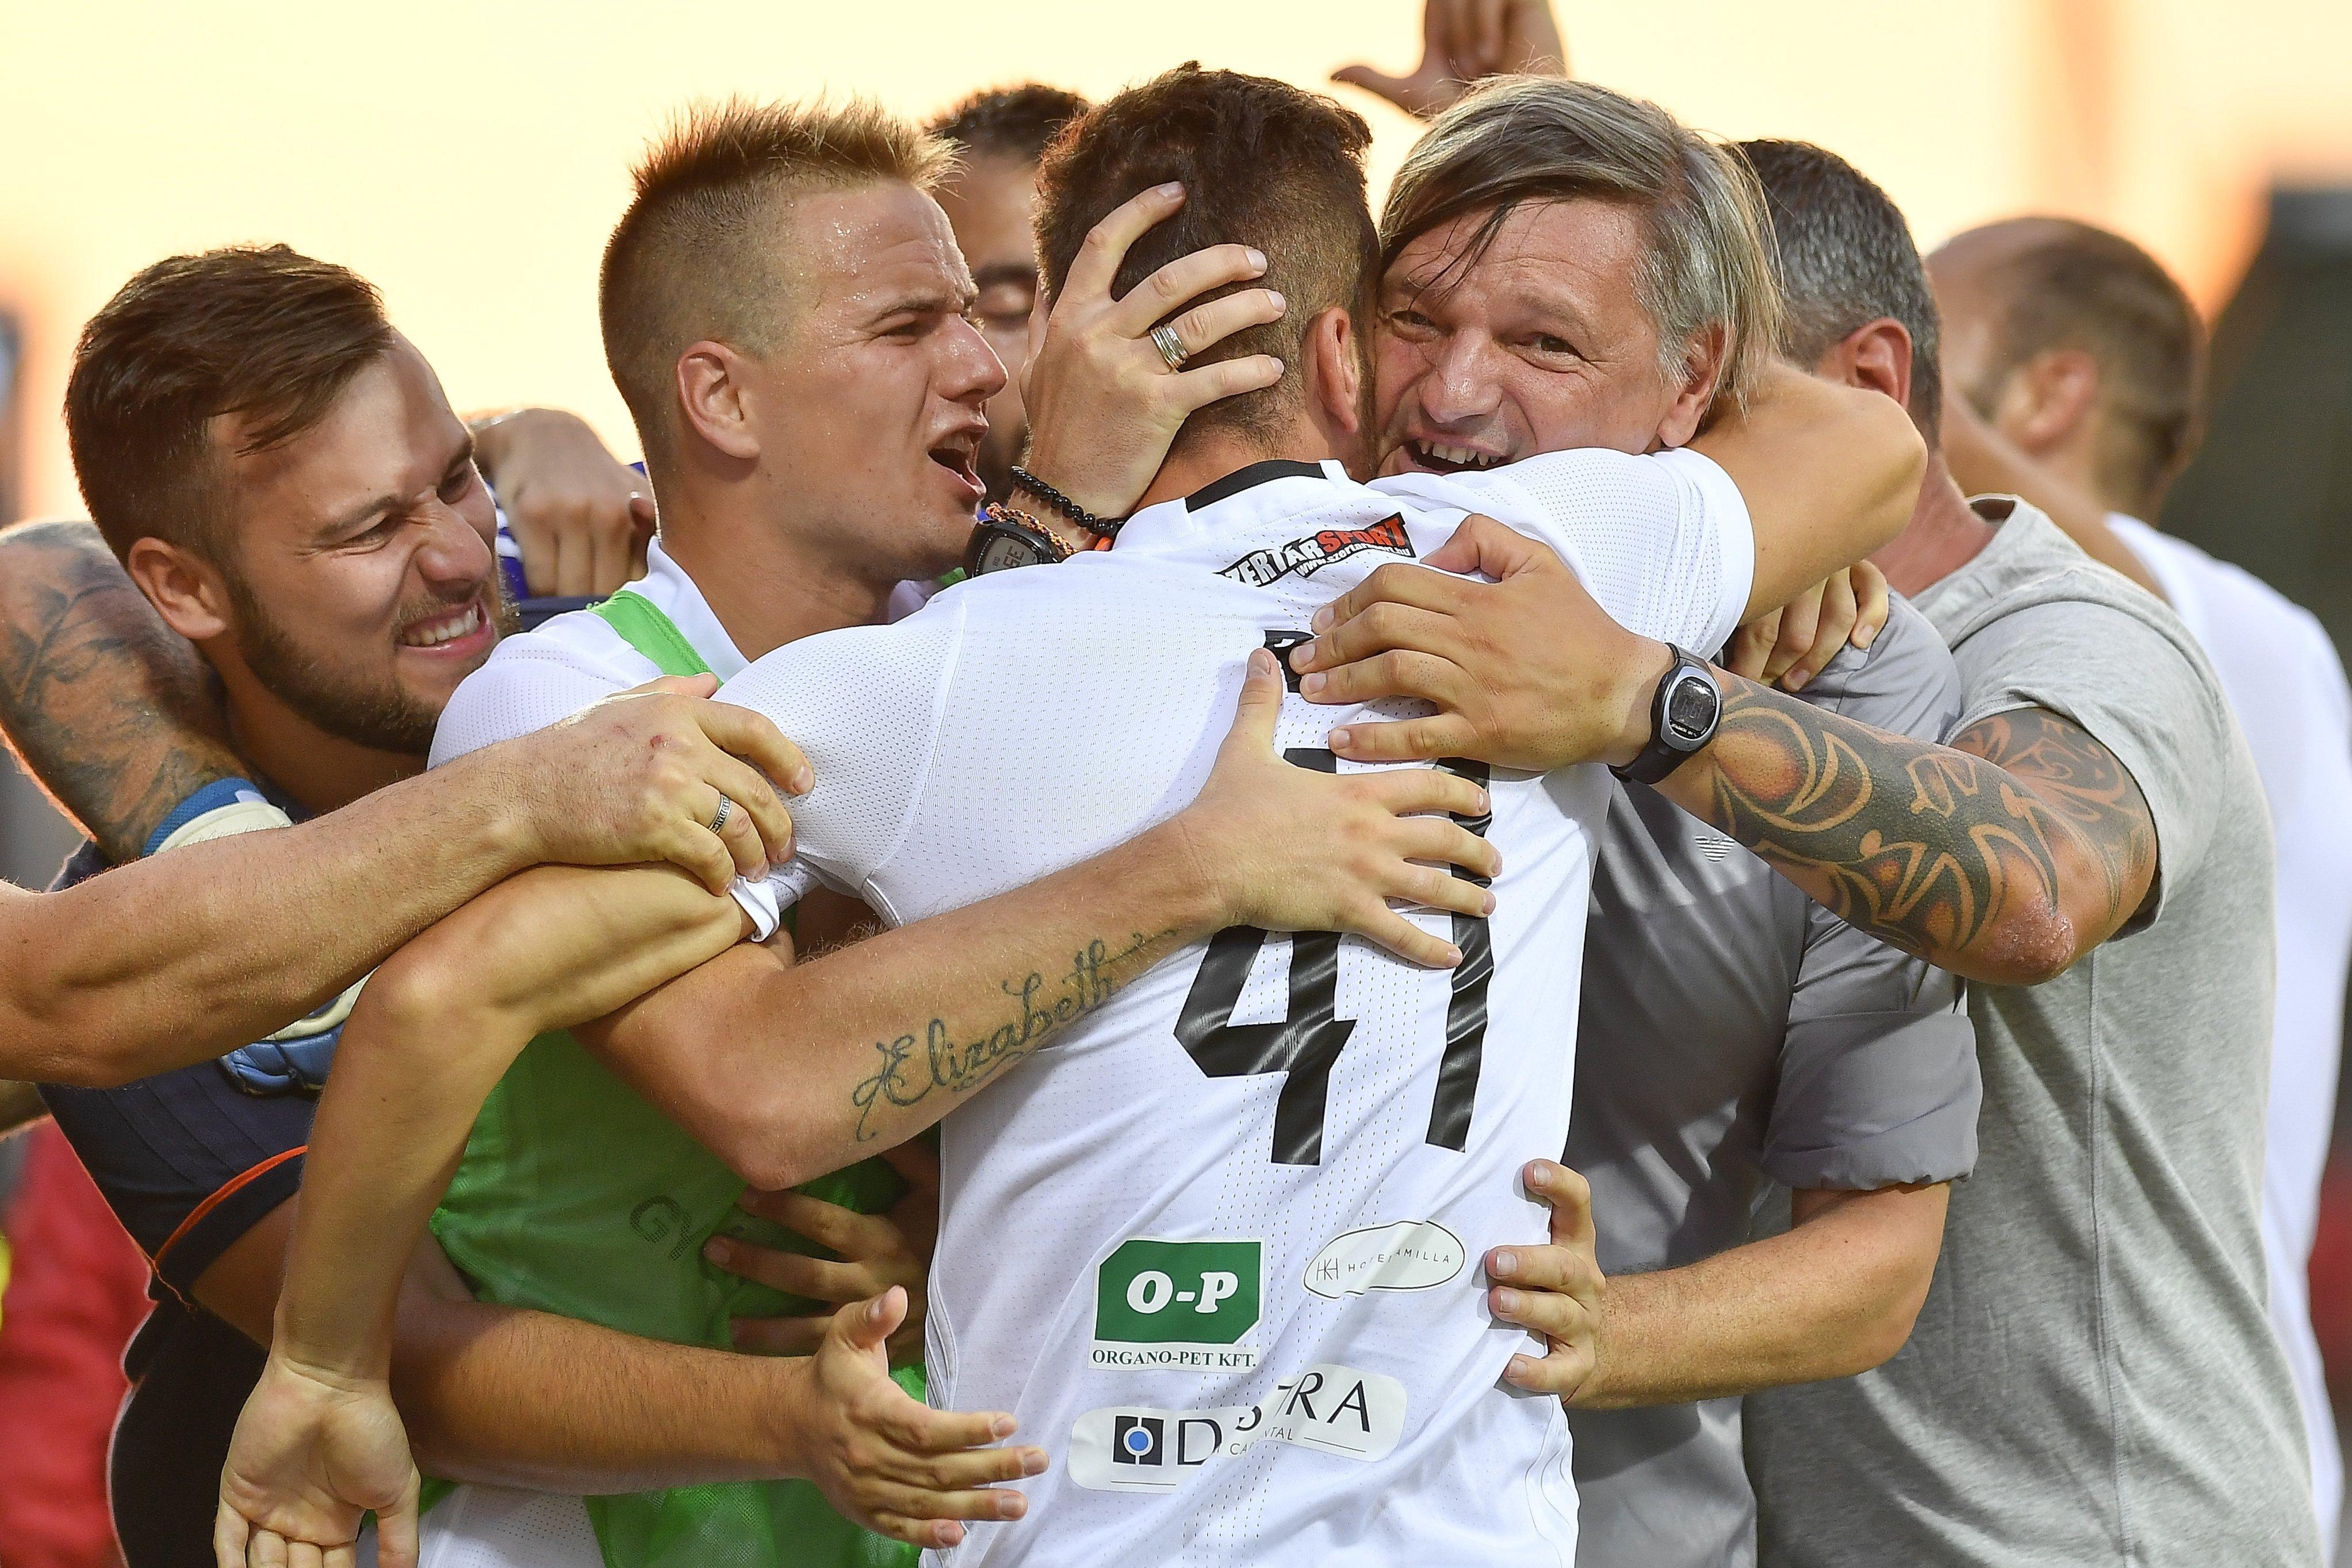 A kormány bizonyította be, hogy a magyar foci óriásira fújt finanszírozása fenntarthatatlan